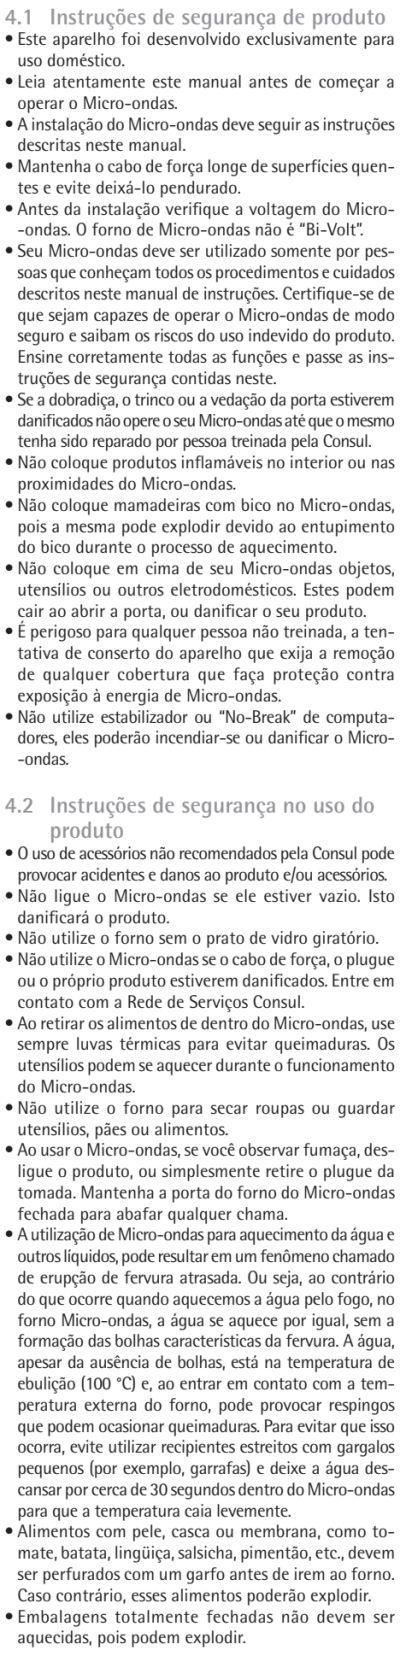 Microondas Consul - CMA30 - usando produto - dicas 1